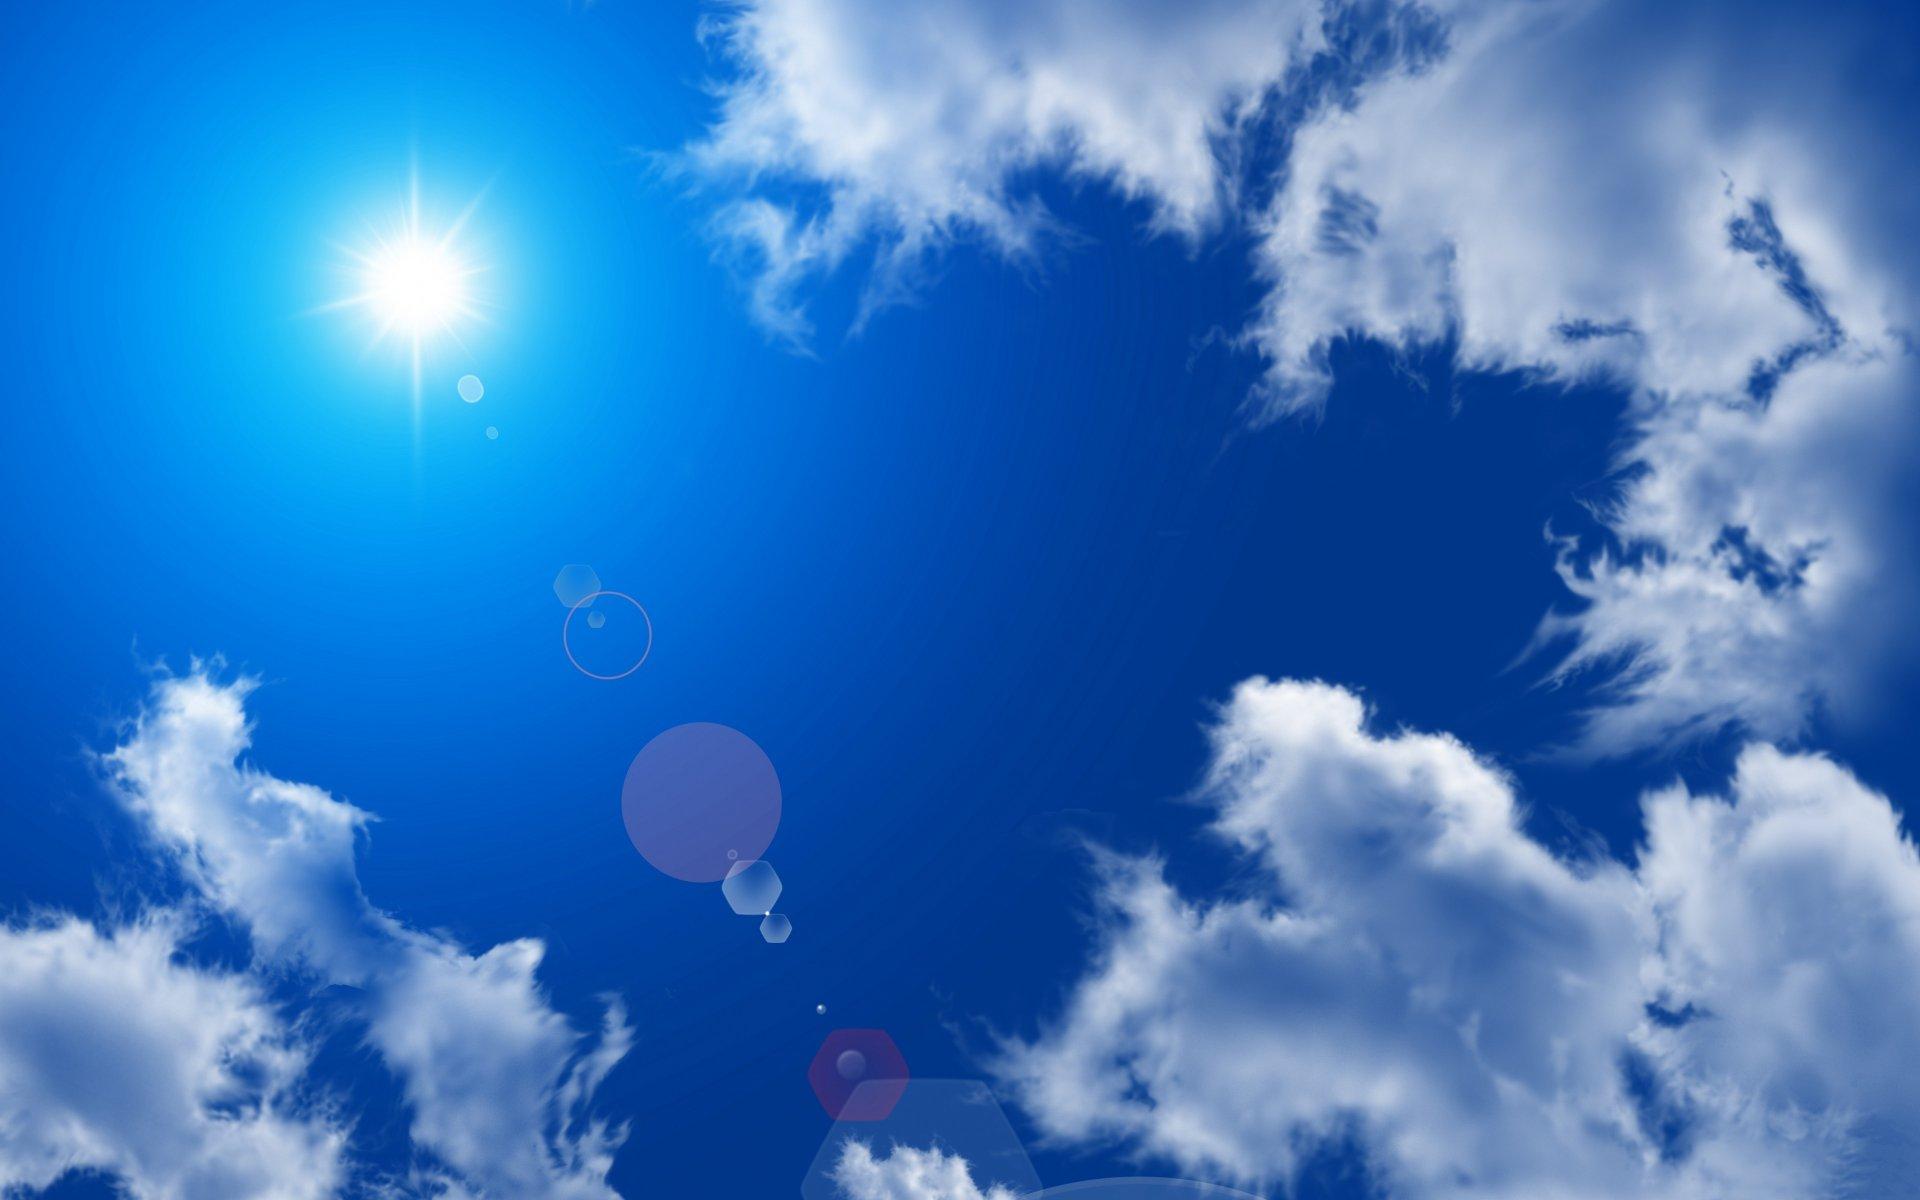 http://4.bp.blogspot.com/-jZixvGzYJP8/UErv9Qs27dI/AAAAAAAAK1c/ON0J85aT_wM/s1920/summer-blue-sky-wallpaper.jpg